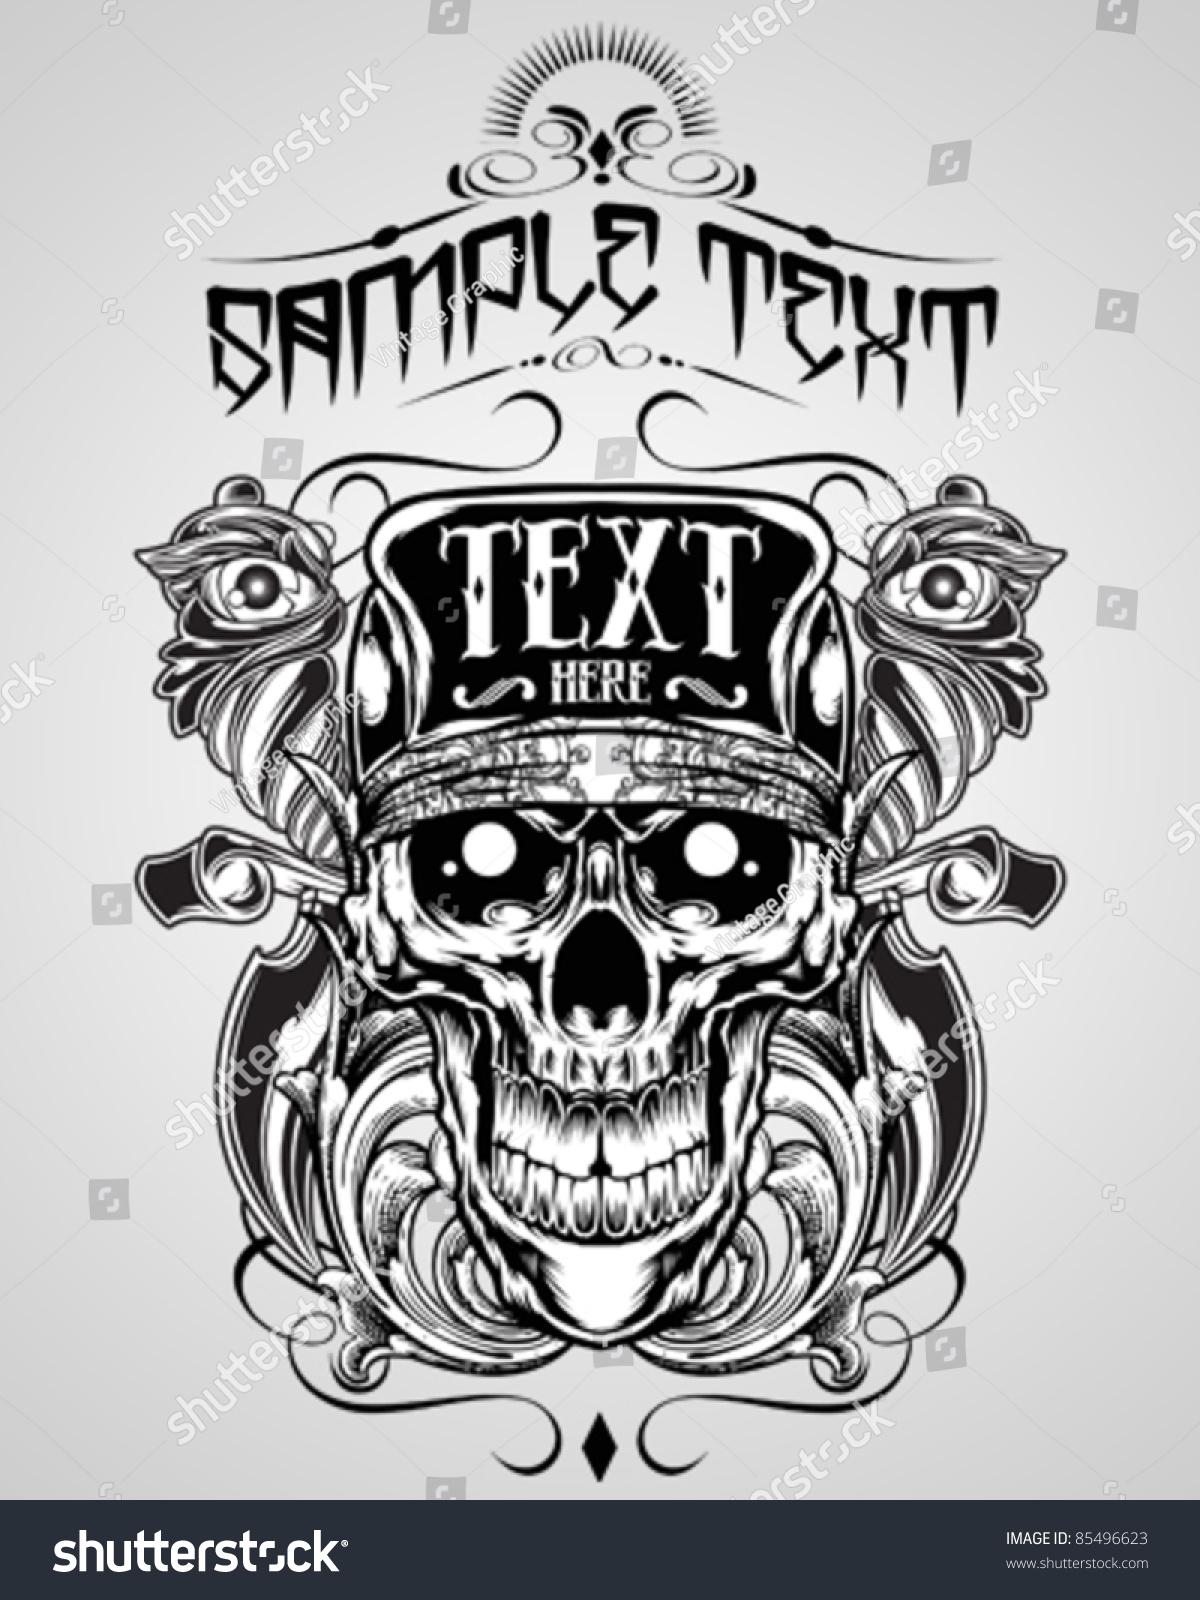 T shirt design vectors - Vector Illustration Skull T Shirt Design Logos